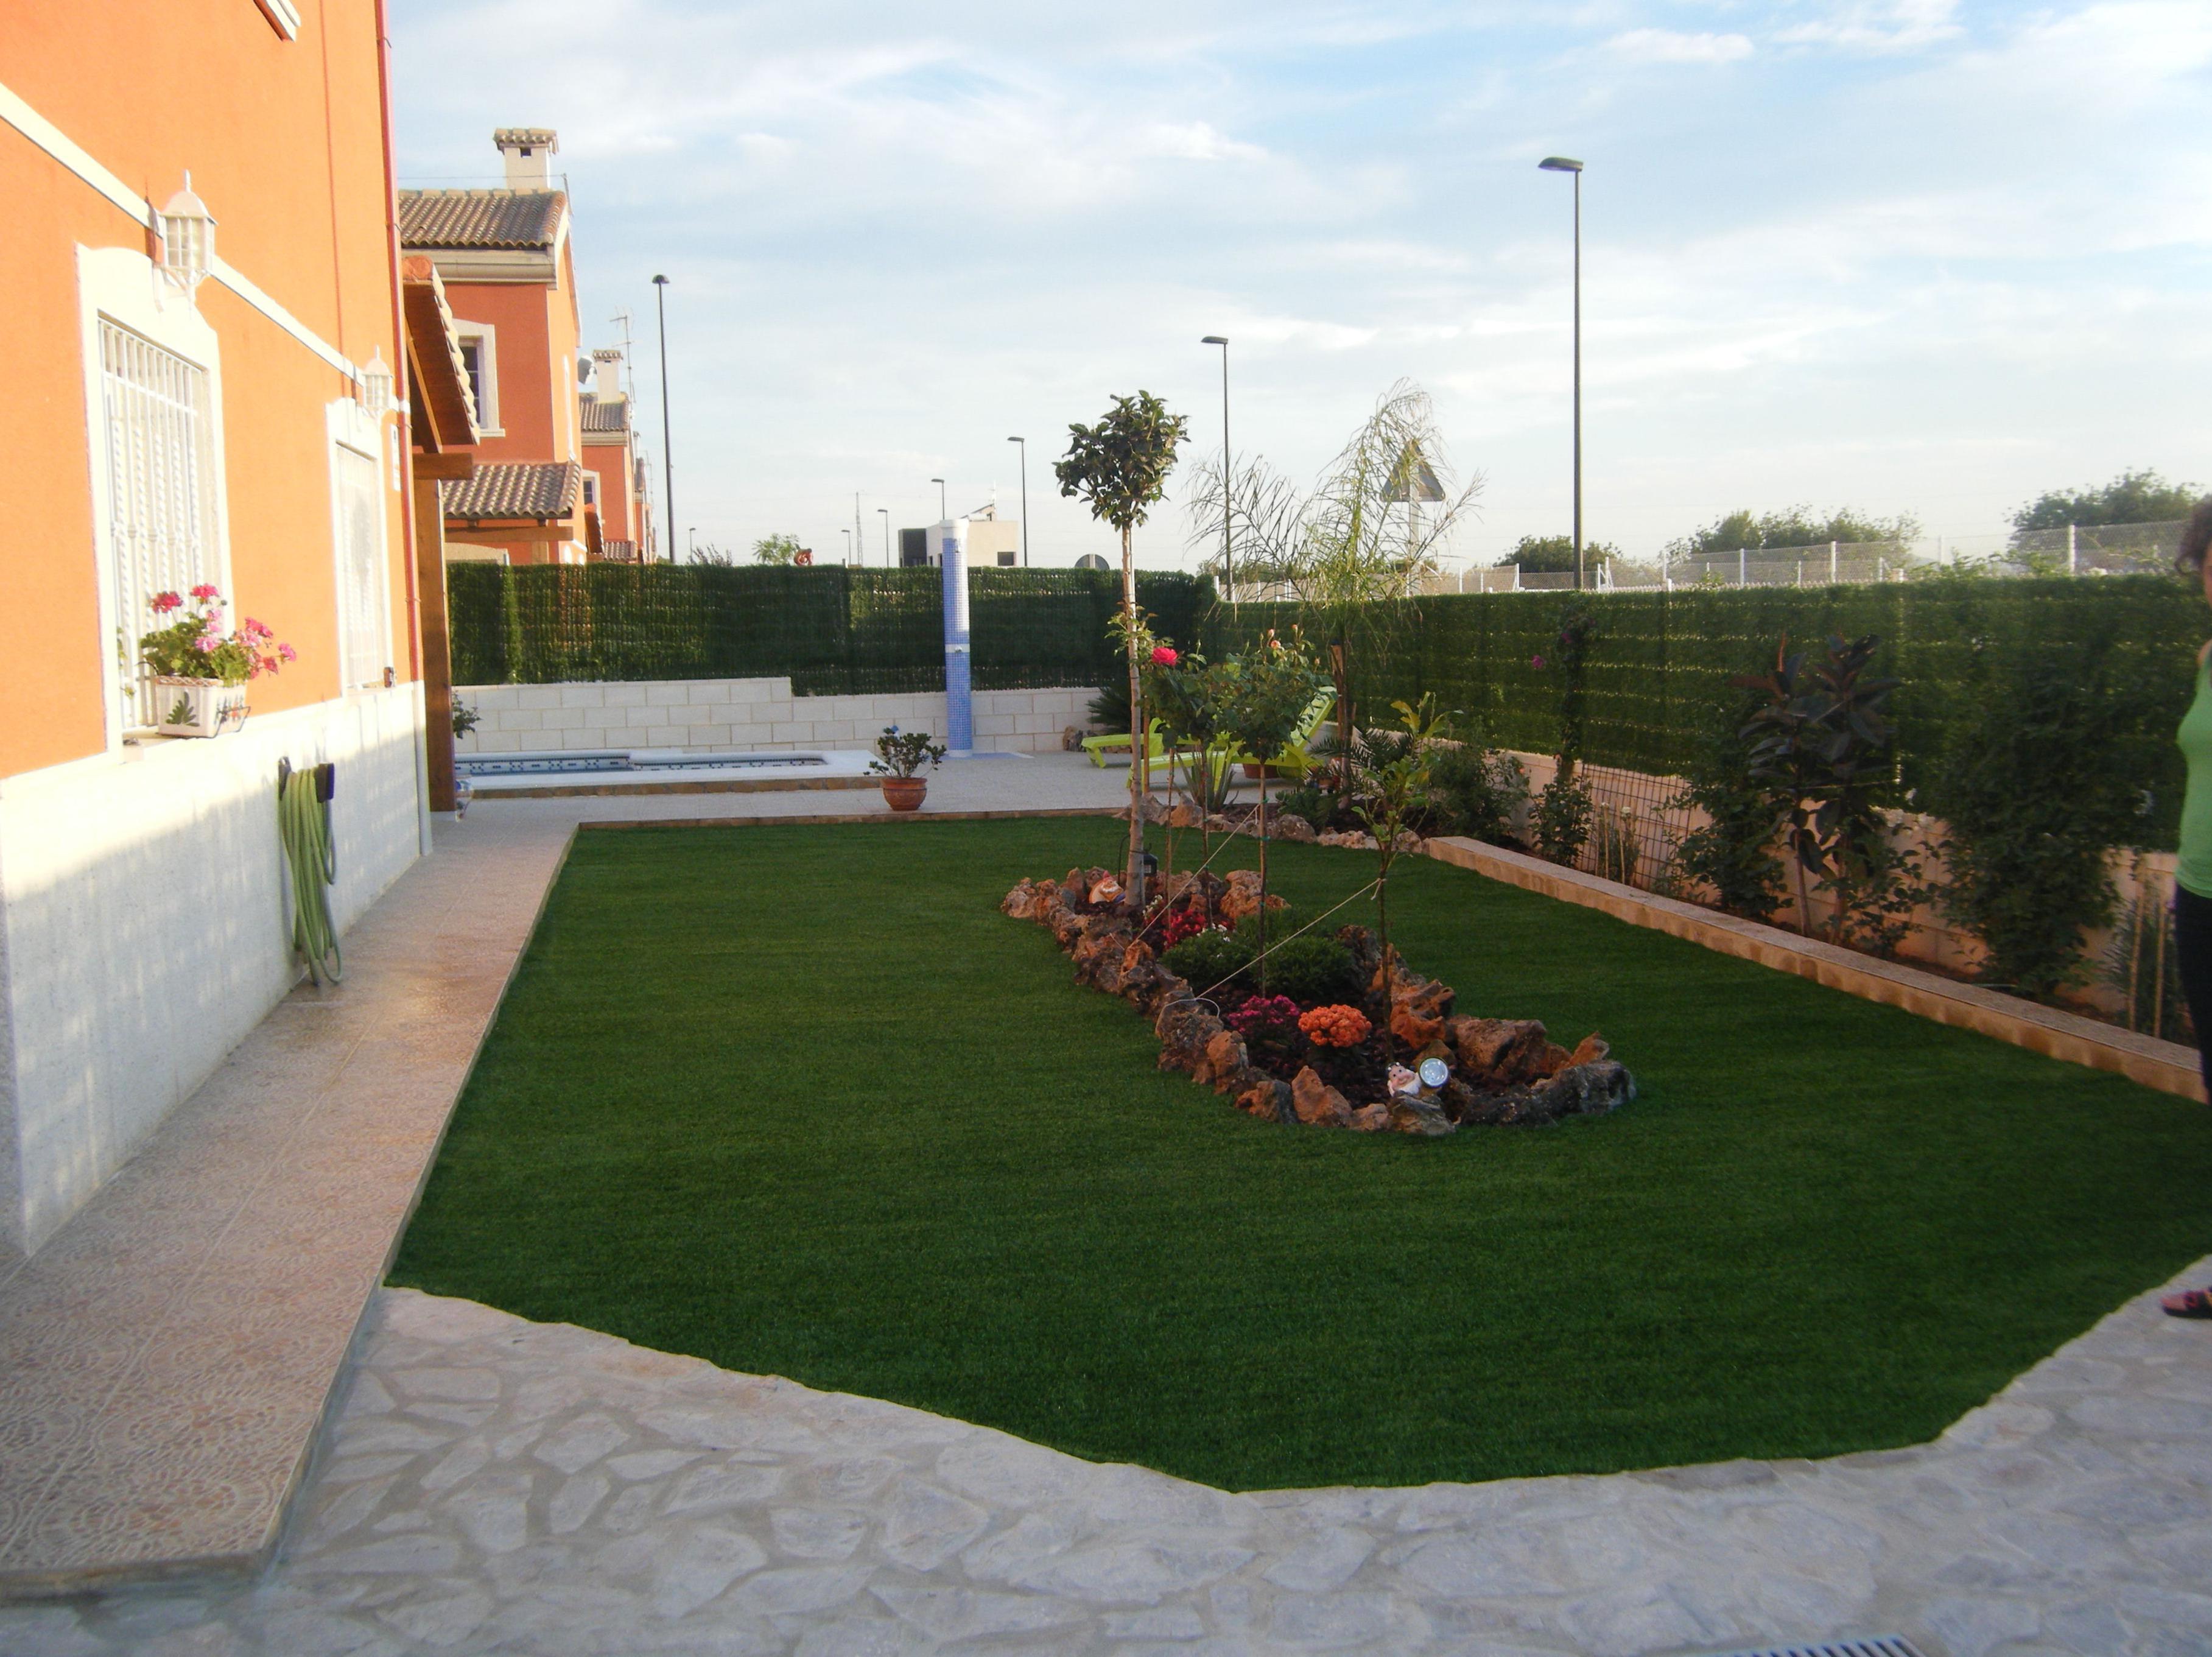 Proyecto Ches Pa en jardín particular con césped artificial. DESPUÉS.